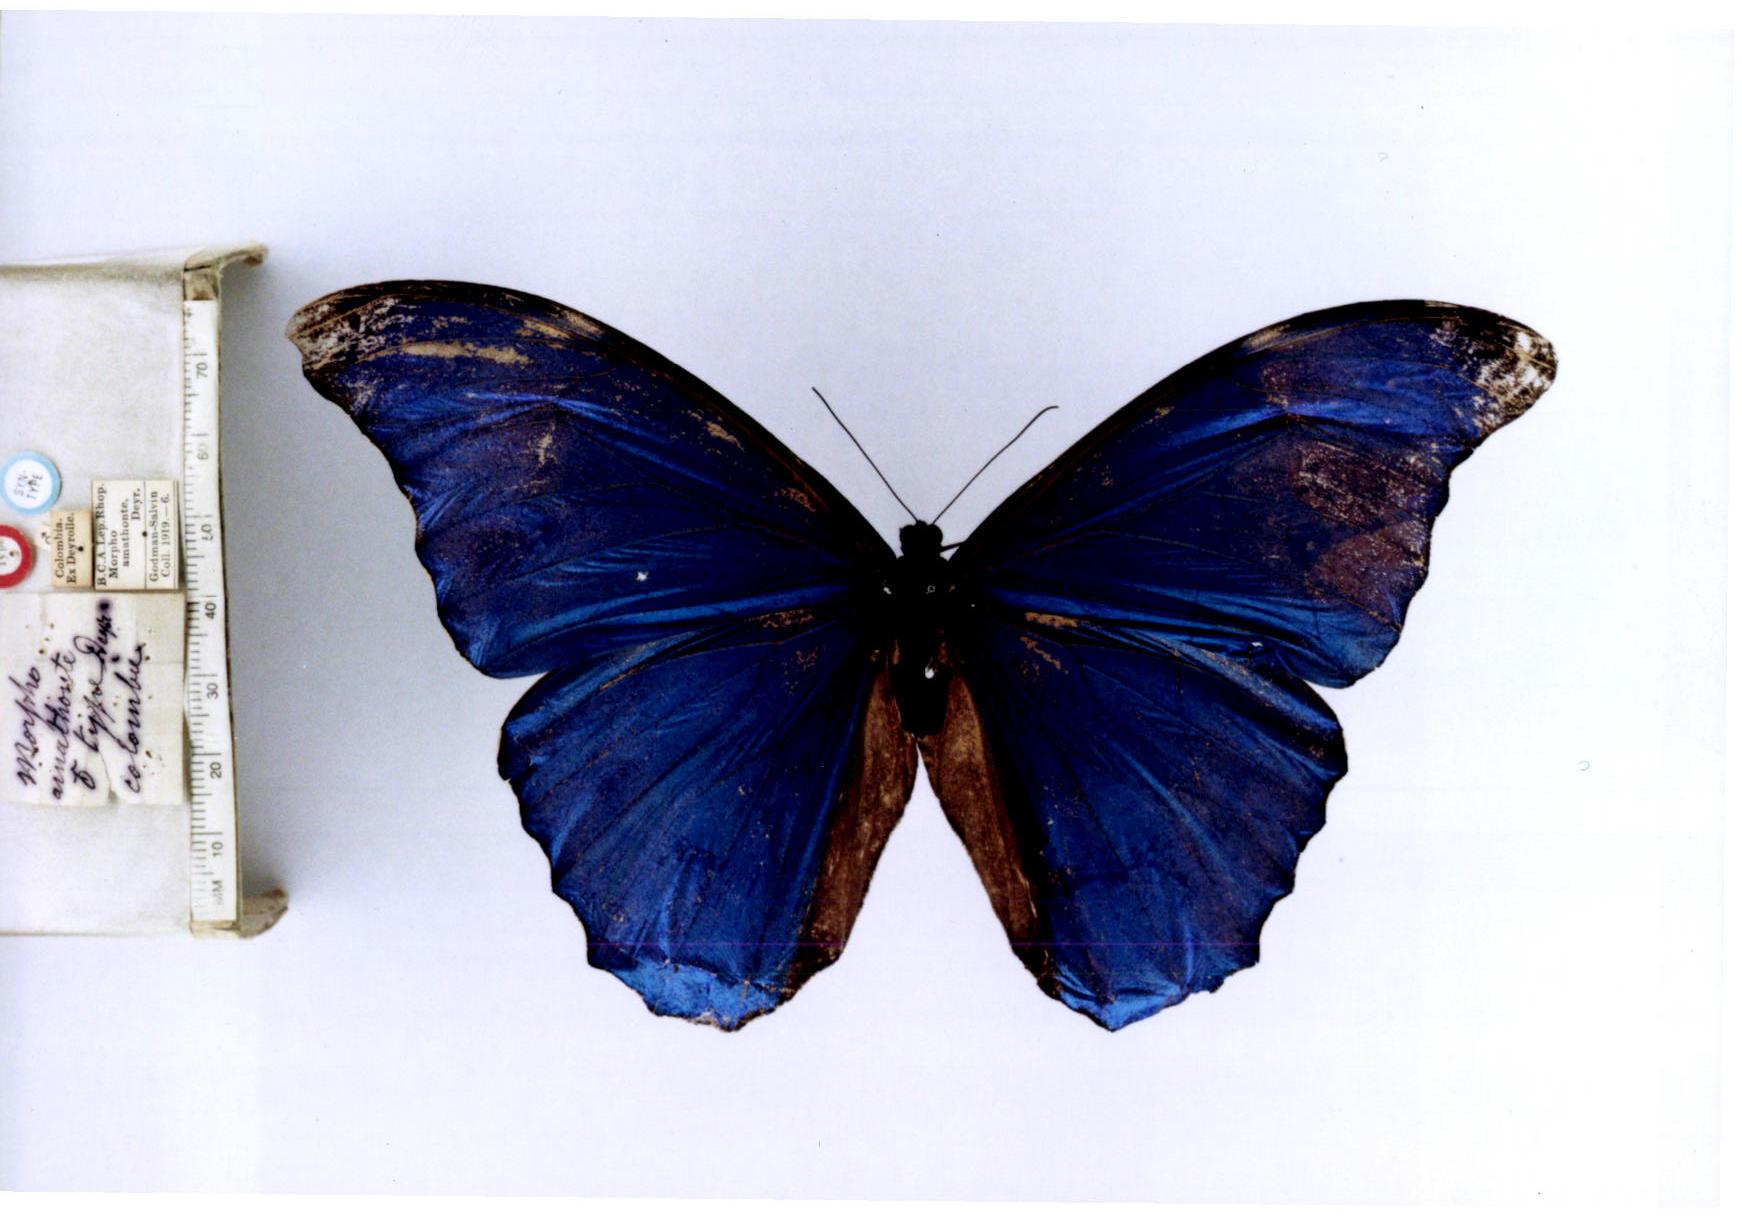 image by: Gerardo Lamas, Peruvian entomologist